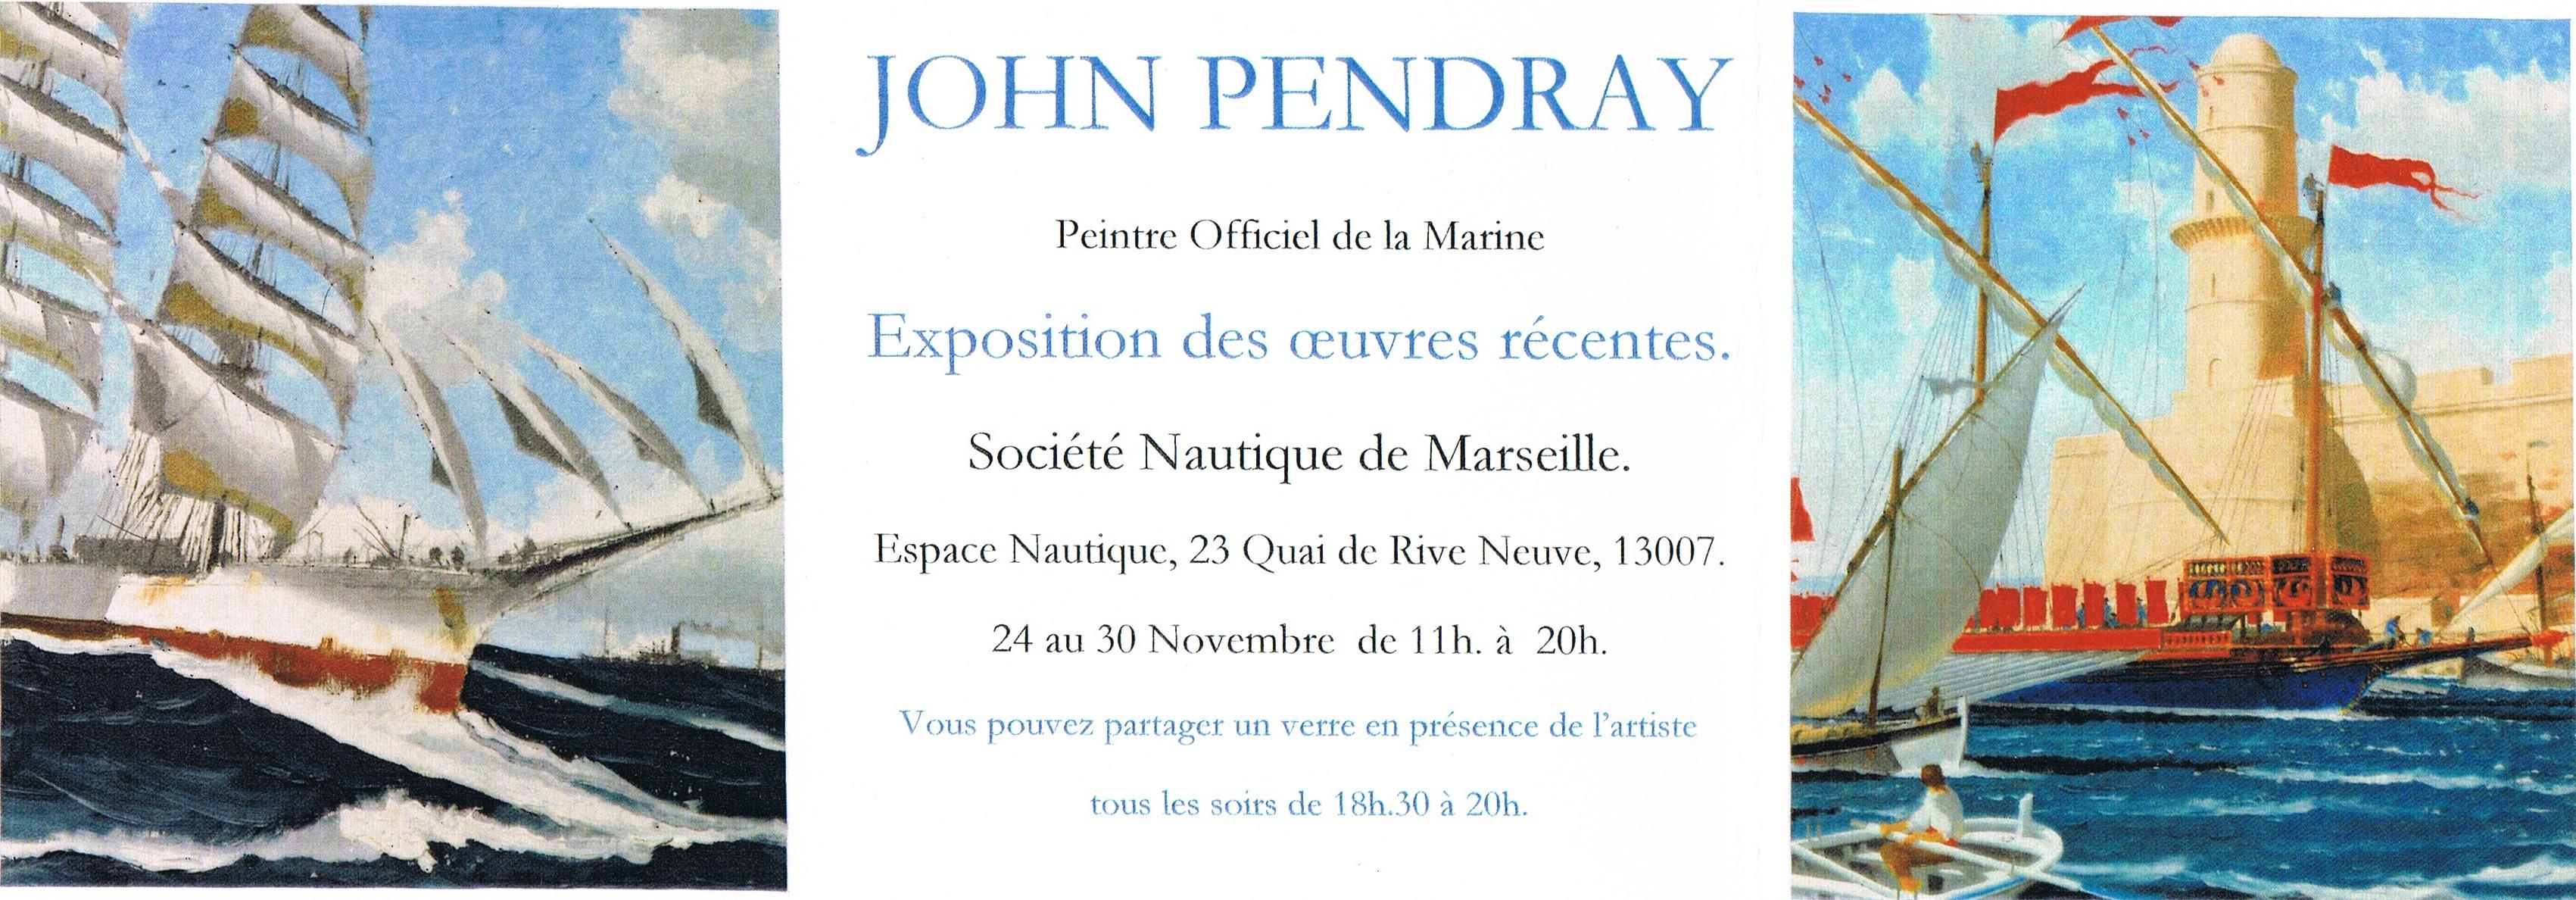 exhibition john pendray